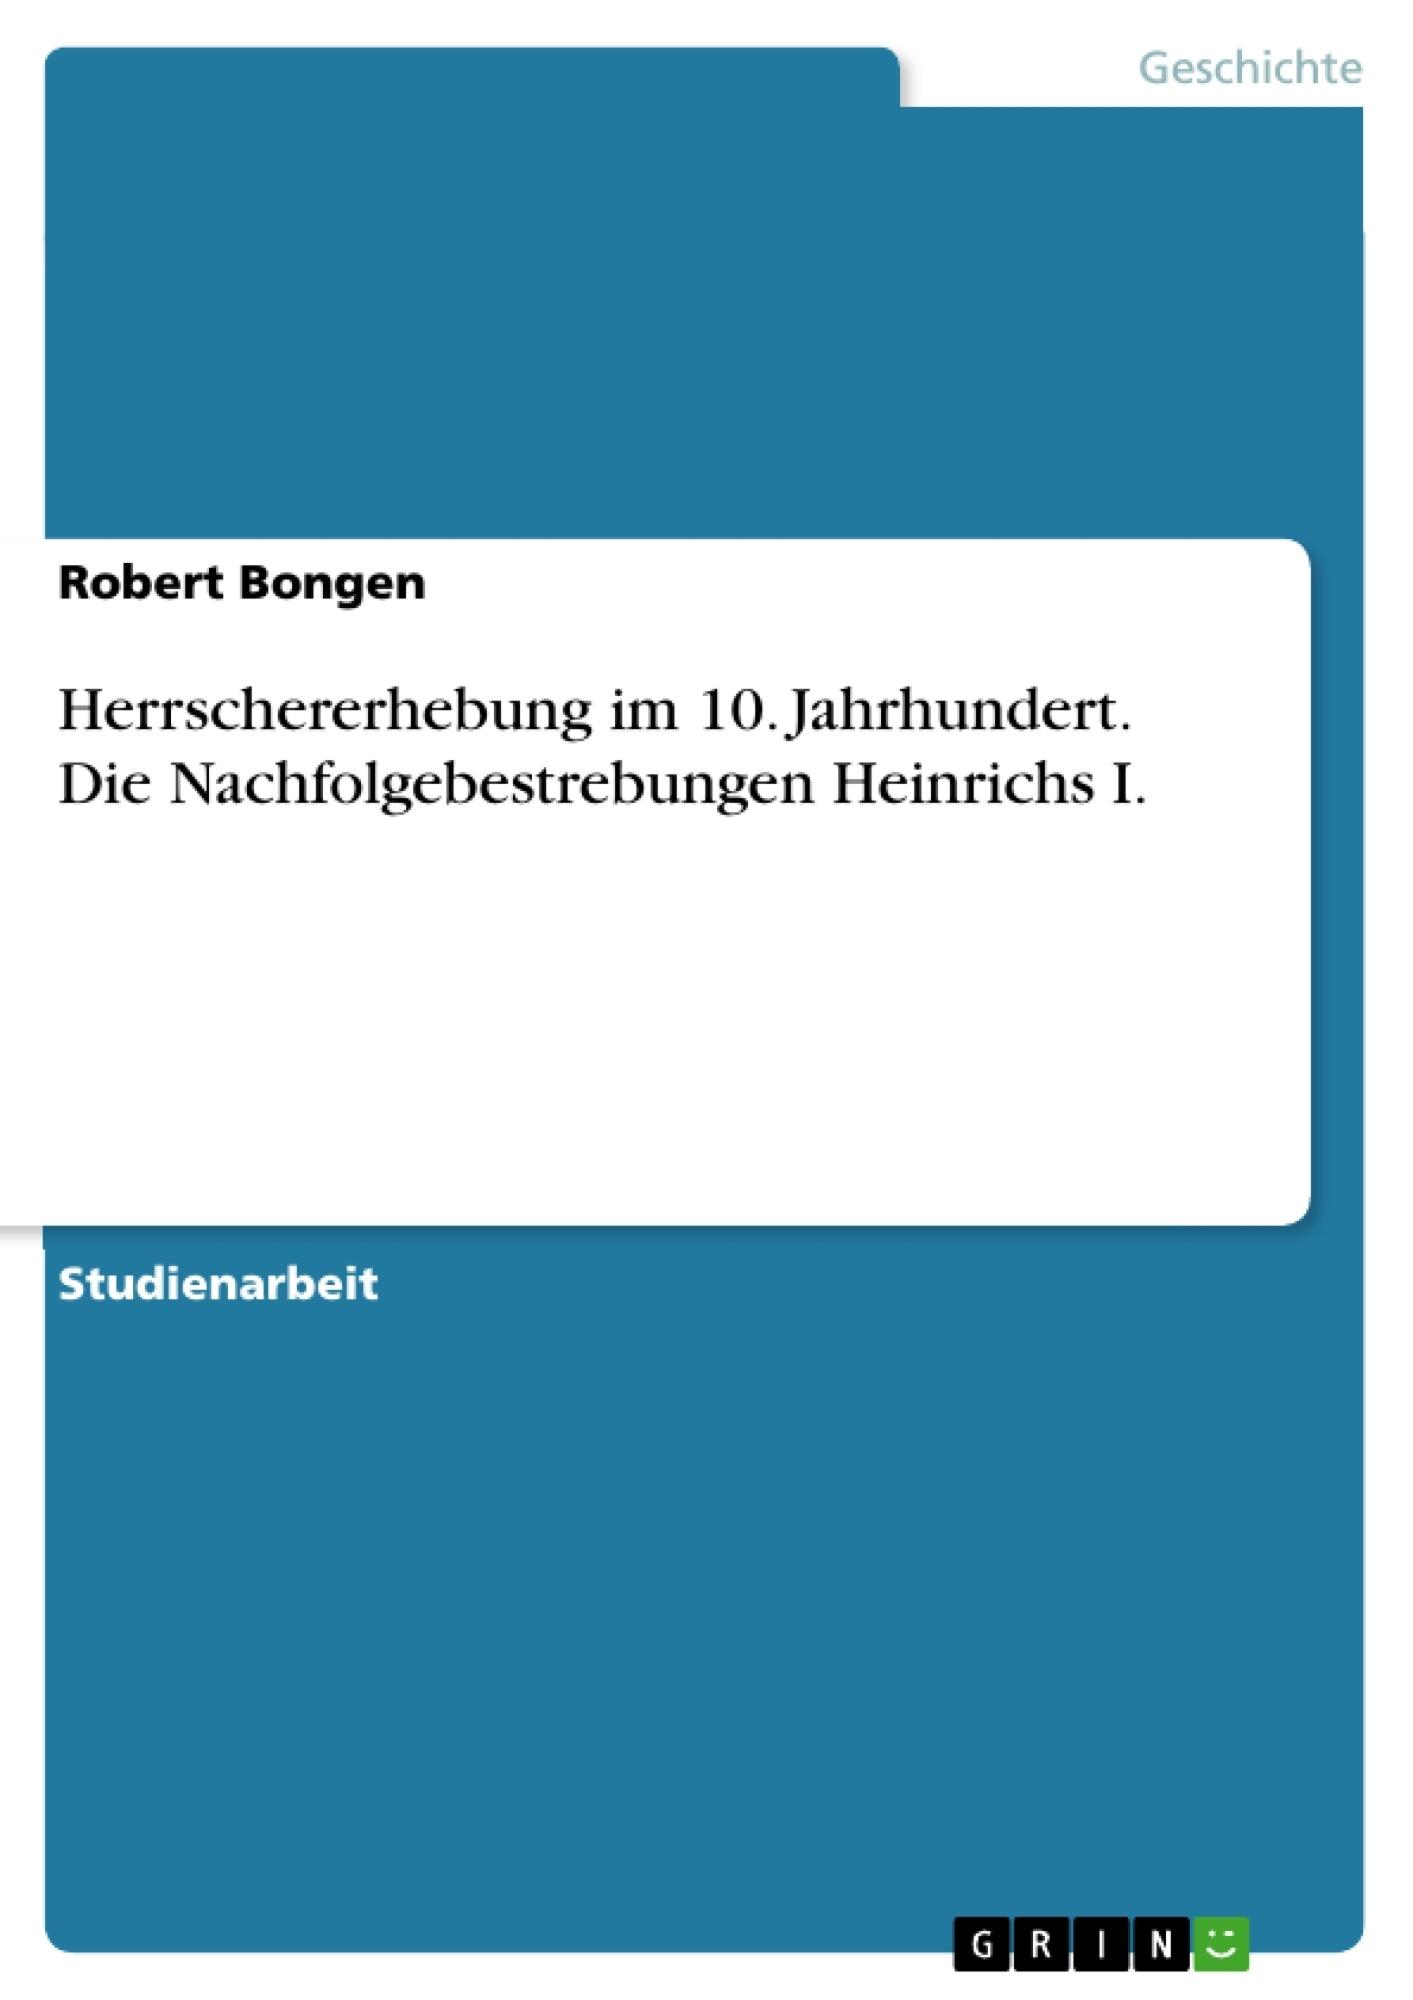 Titel: Herrschererhebung im 10. Jahrhundert. Die Nachfolgebestrebungen Heinrichs I.